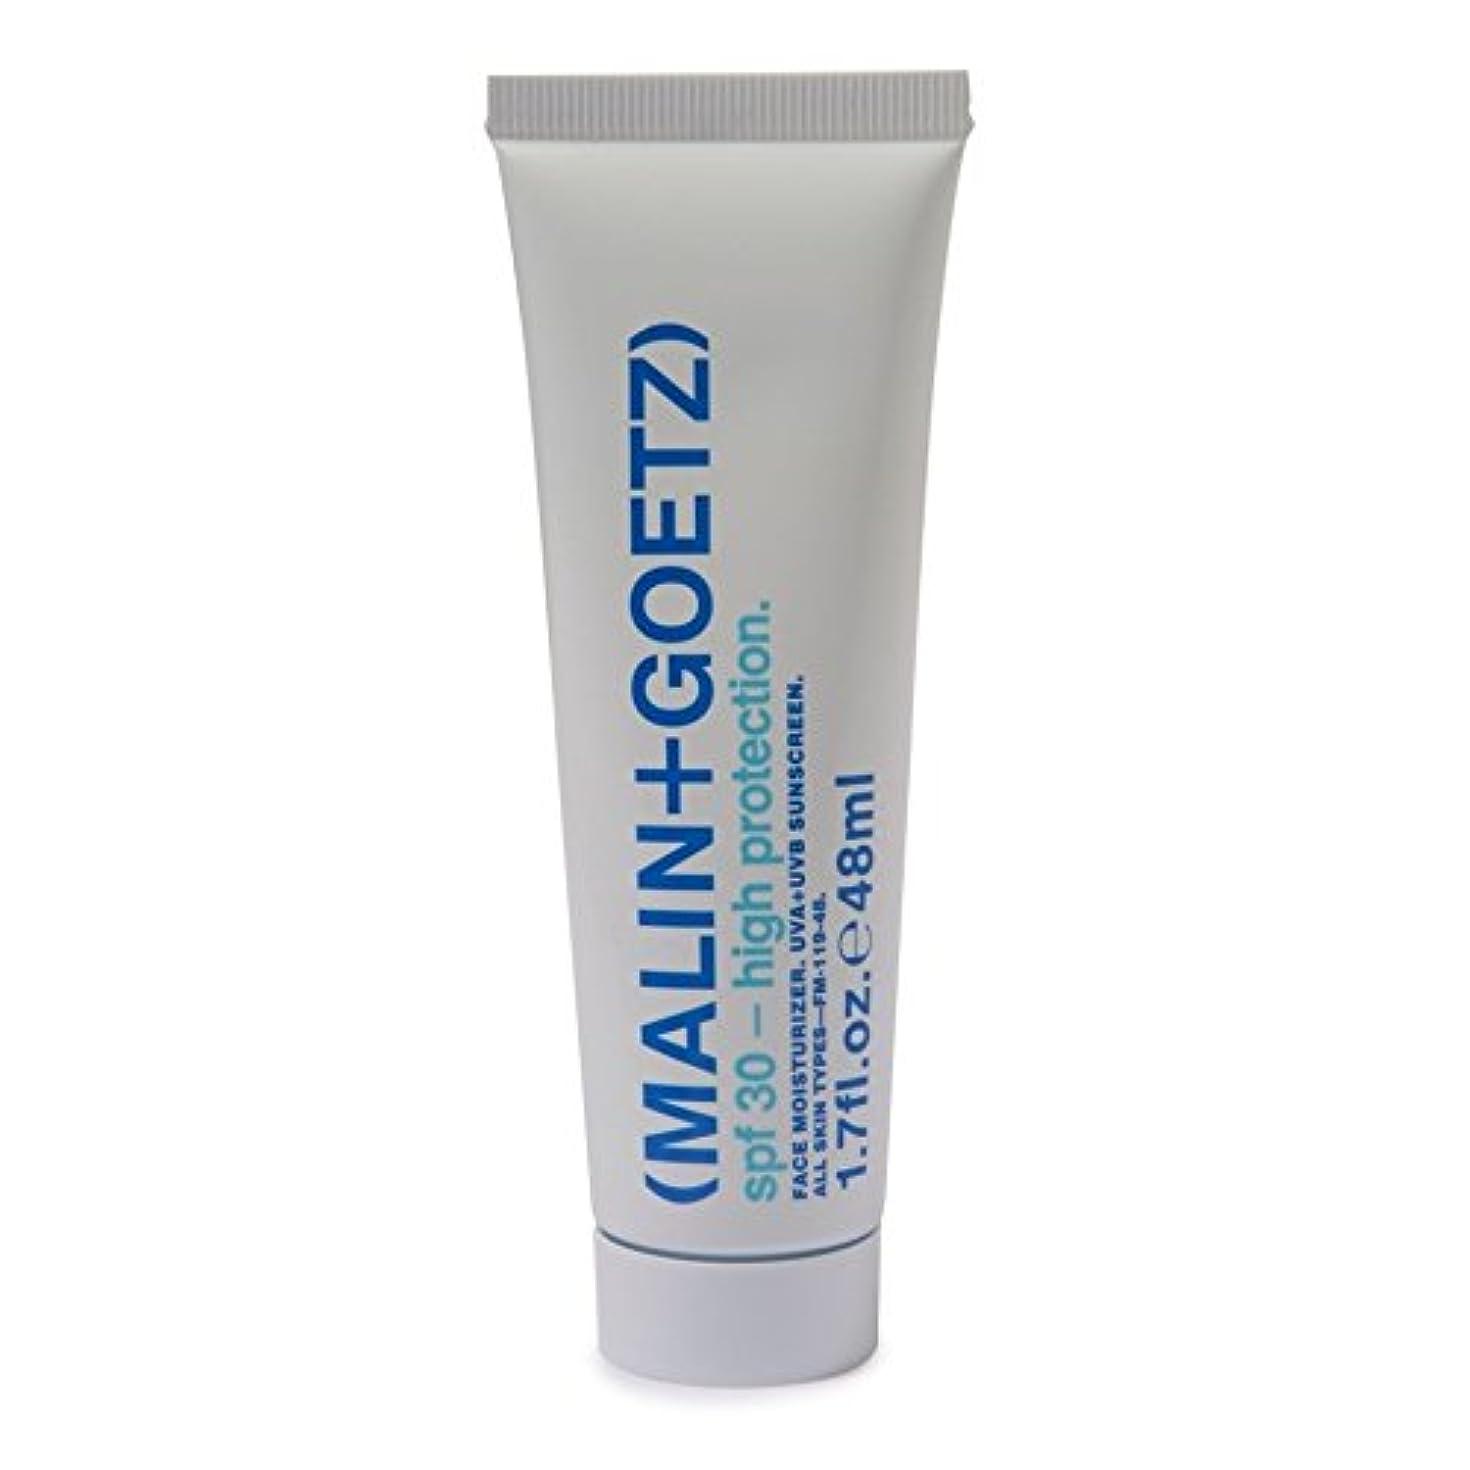 取り囲むパズル異形MALIN+GOETZ Face Moisturiser SPF 30 48ml - マリン+ゲッツ顔の保湿剤の 30 48ミリリットル [並行輸入品]